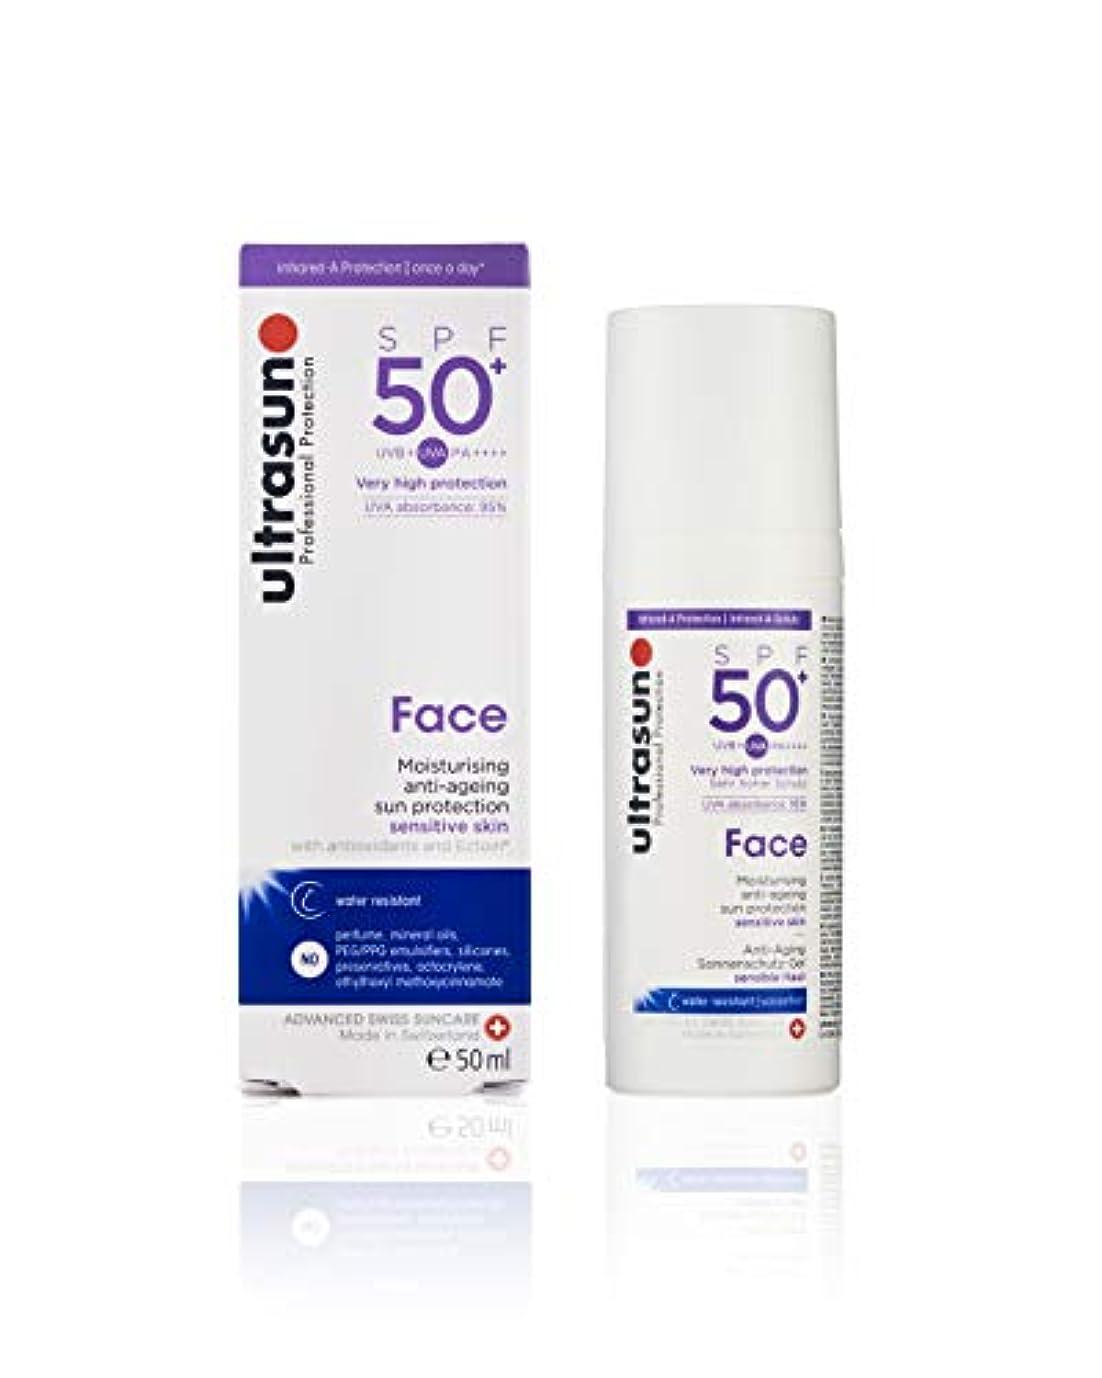 ファウル売る未払いアルトラサン 日やけ止めクリーム フェイス UV 敏感肌用 SPF50+ PA++++ トリプルプロテクション 50mL